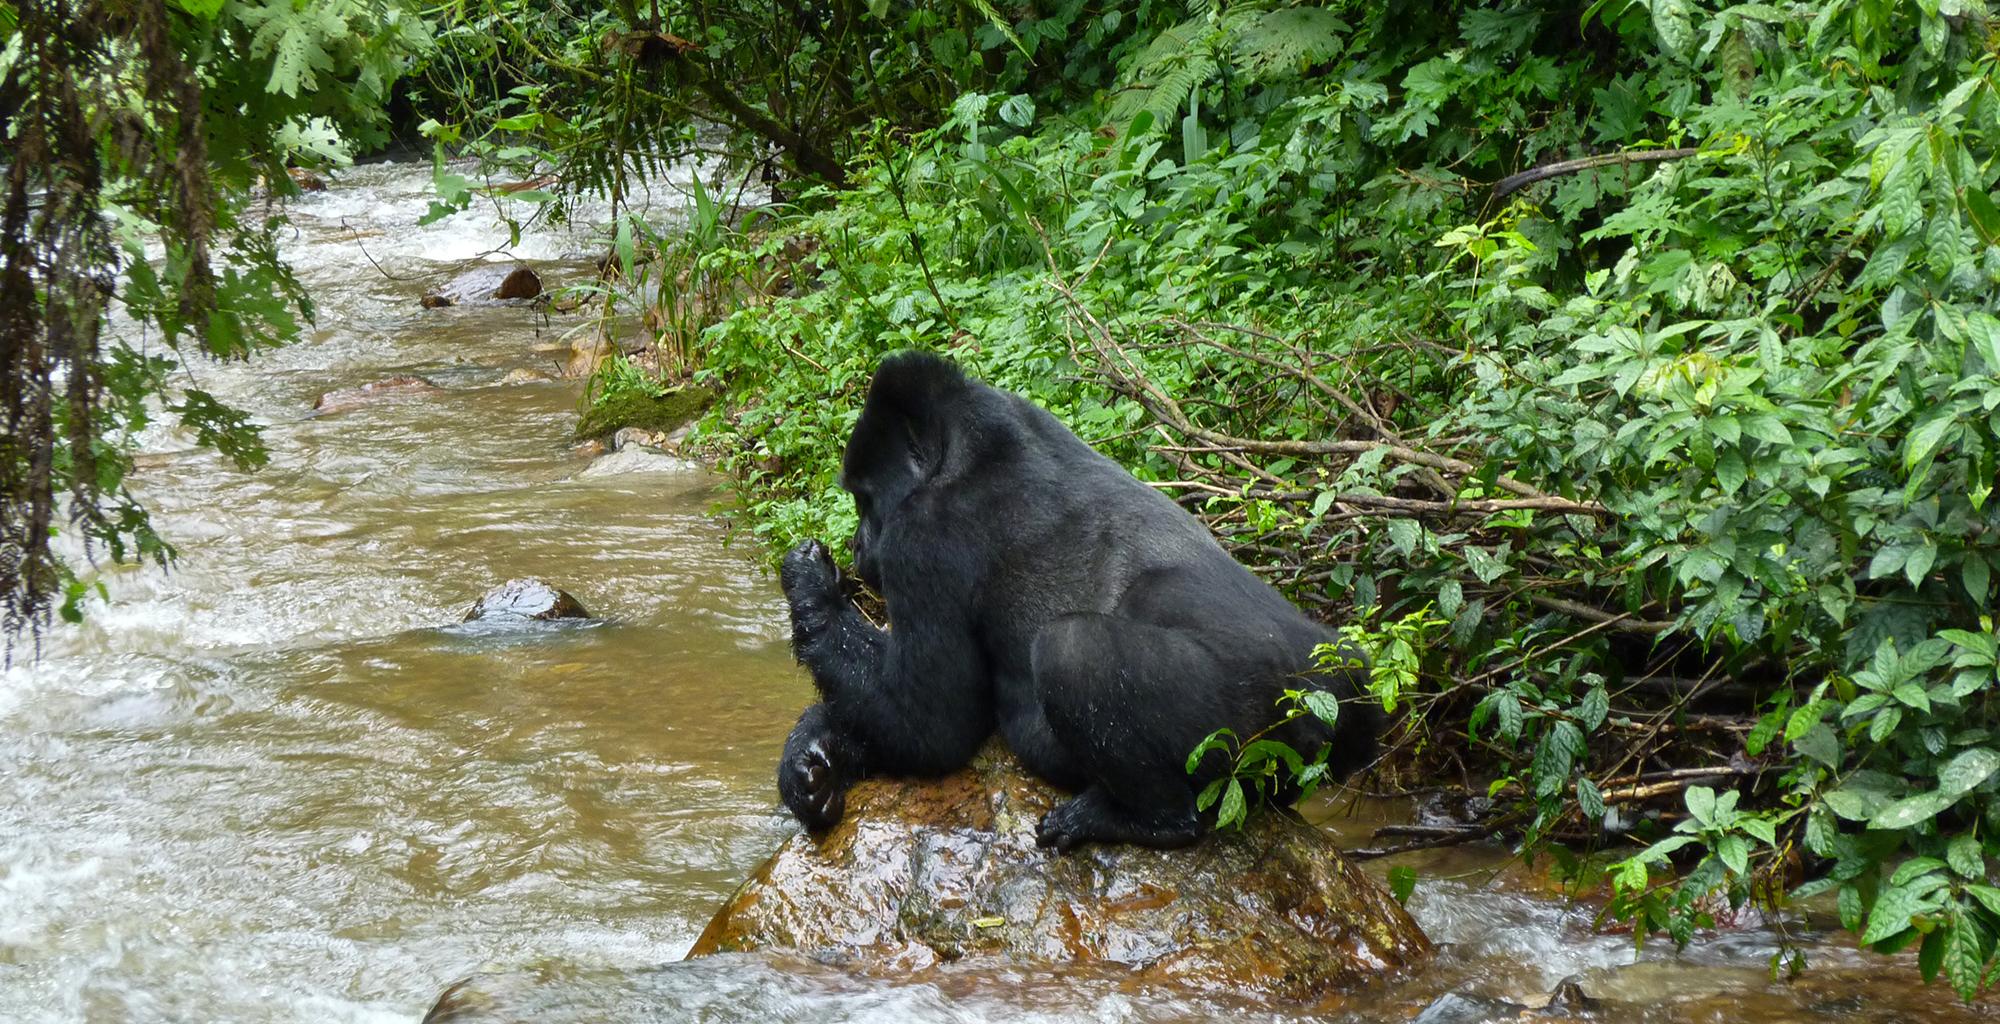 Uganda-Wildlife-Gorilla